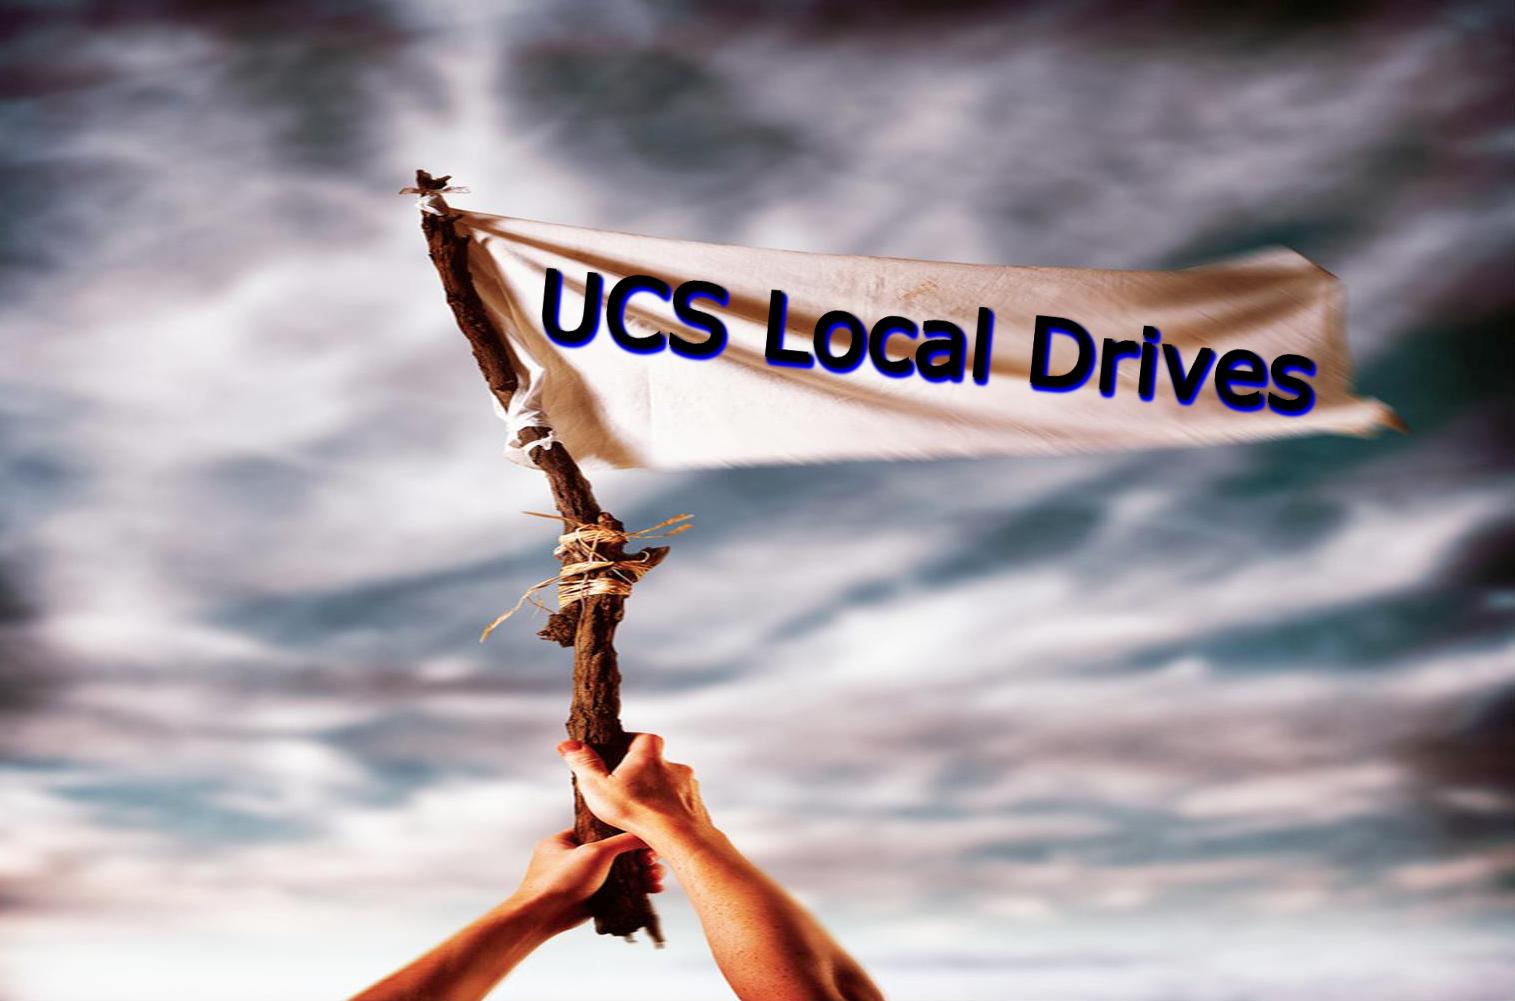 UCS Local Drives